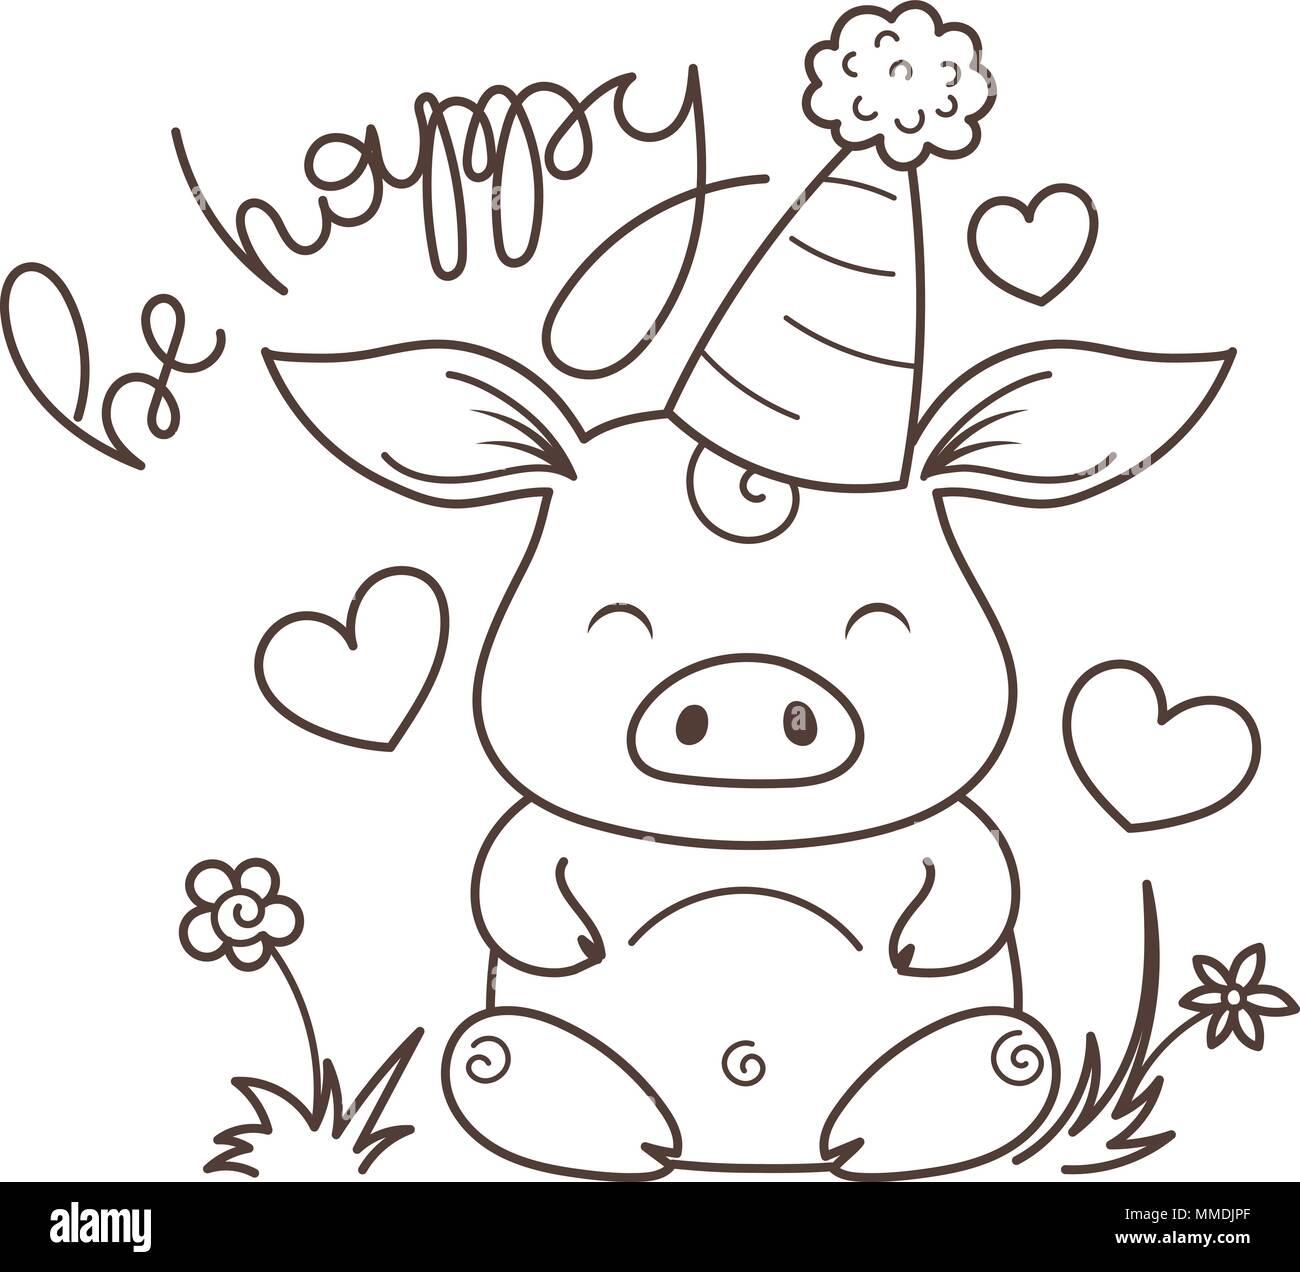 Coloriage Tete De Cochon.Etre Heureux Cute Cartoon Cochon Dans L Amour Symbole De